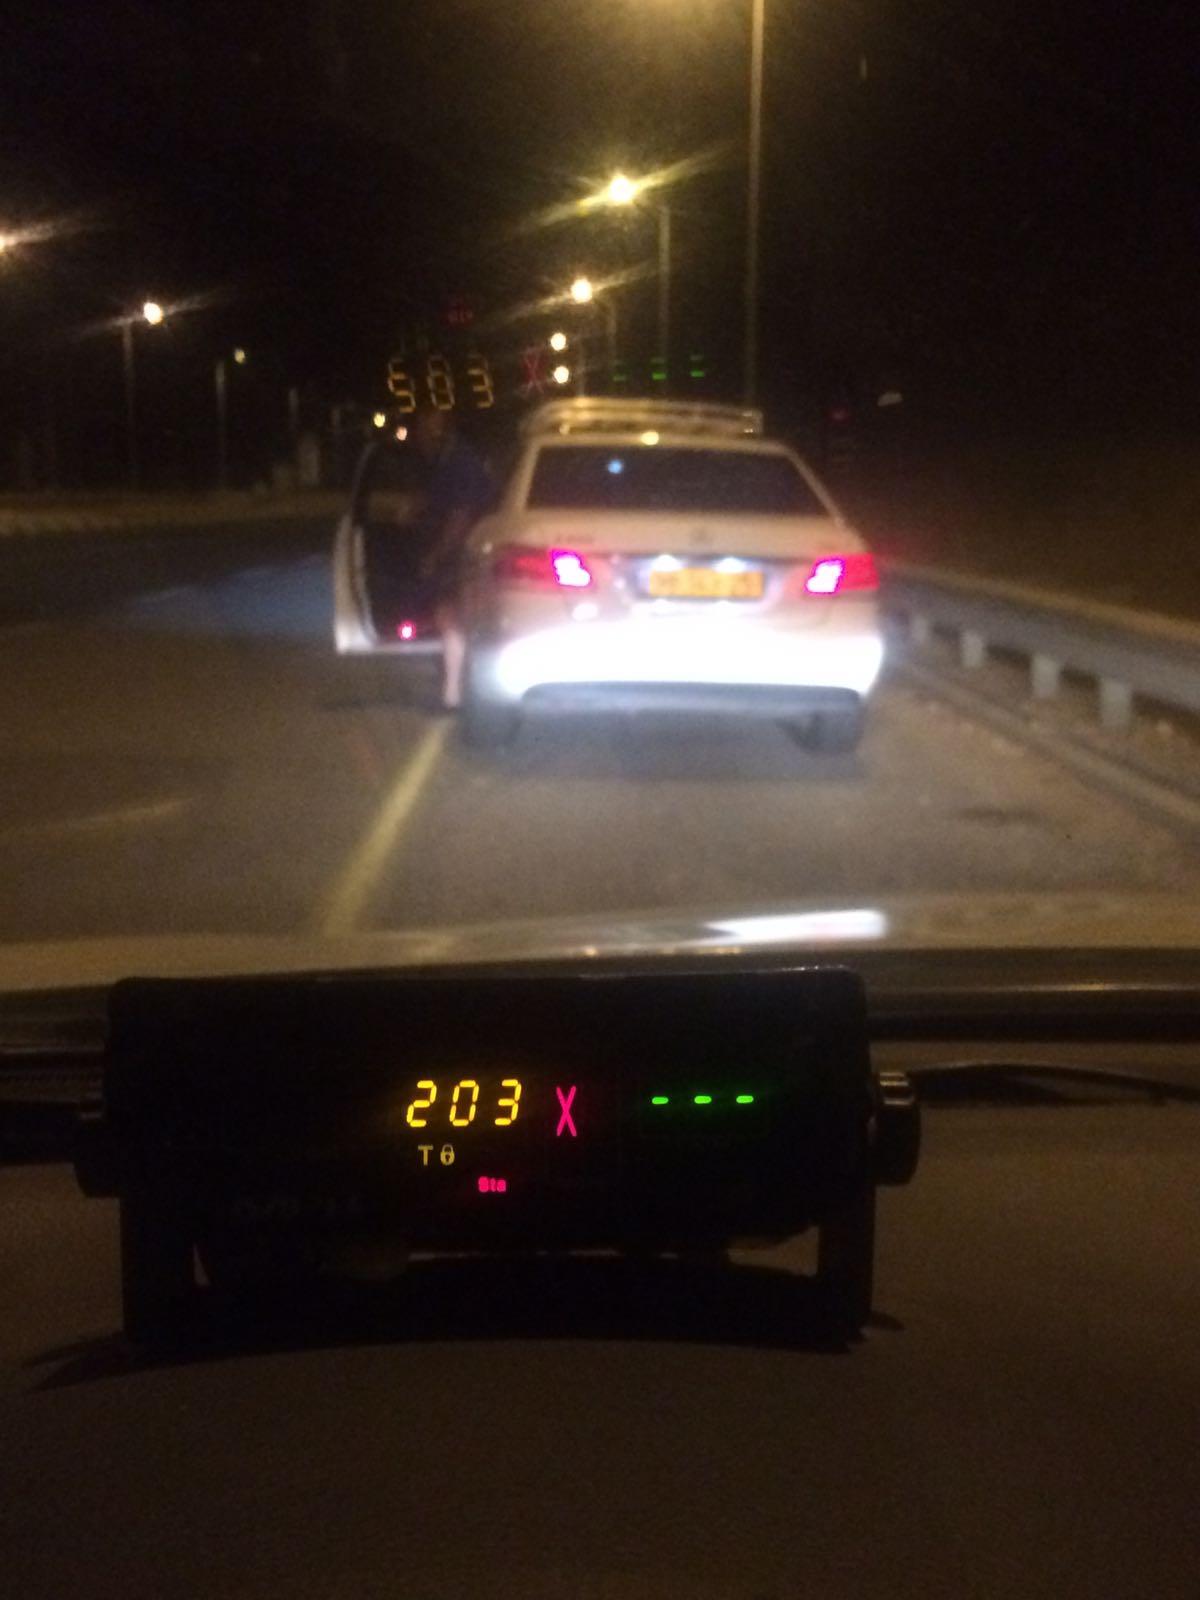 """נהג מונית בן 33 עם 25 עבירות תנועה, נתפס נוהג במהירות של 203 קמ""""ש"""